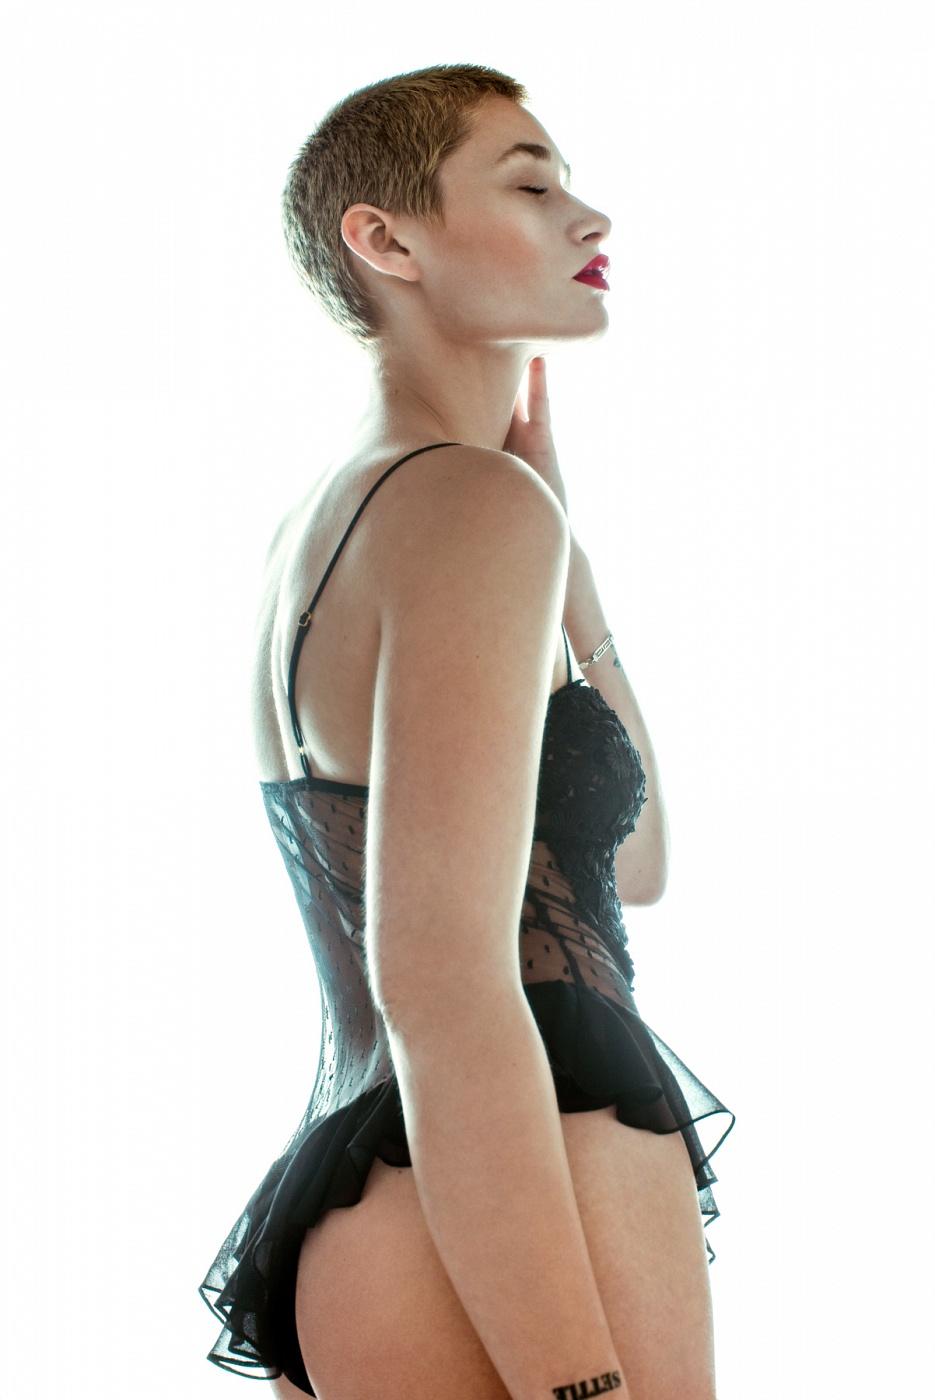 Jess Wilder